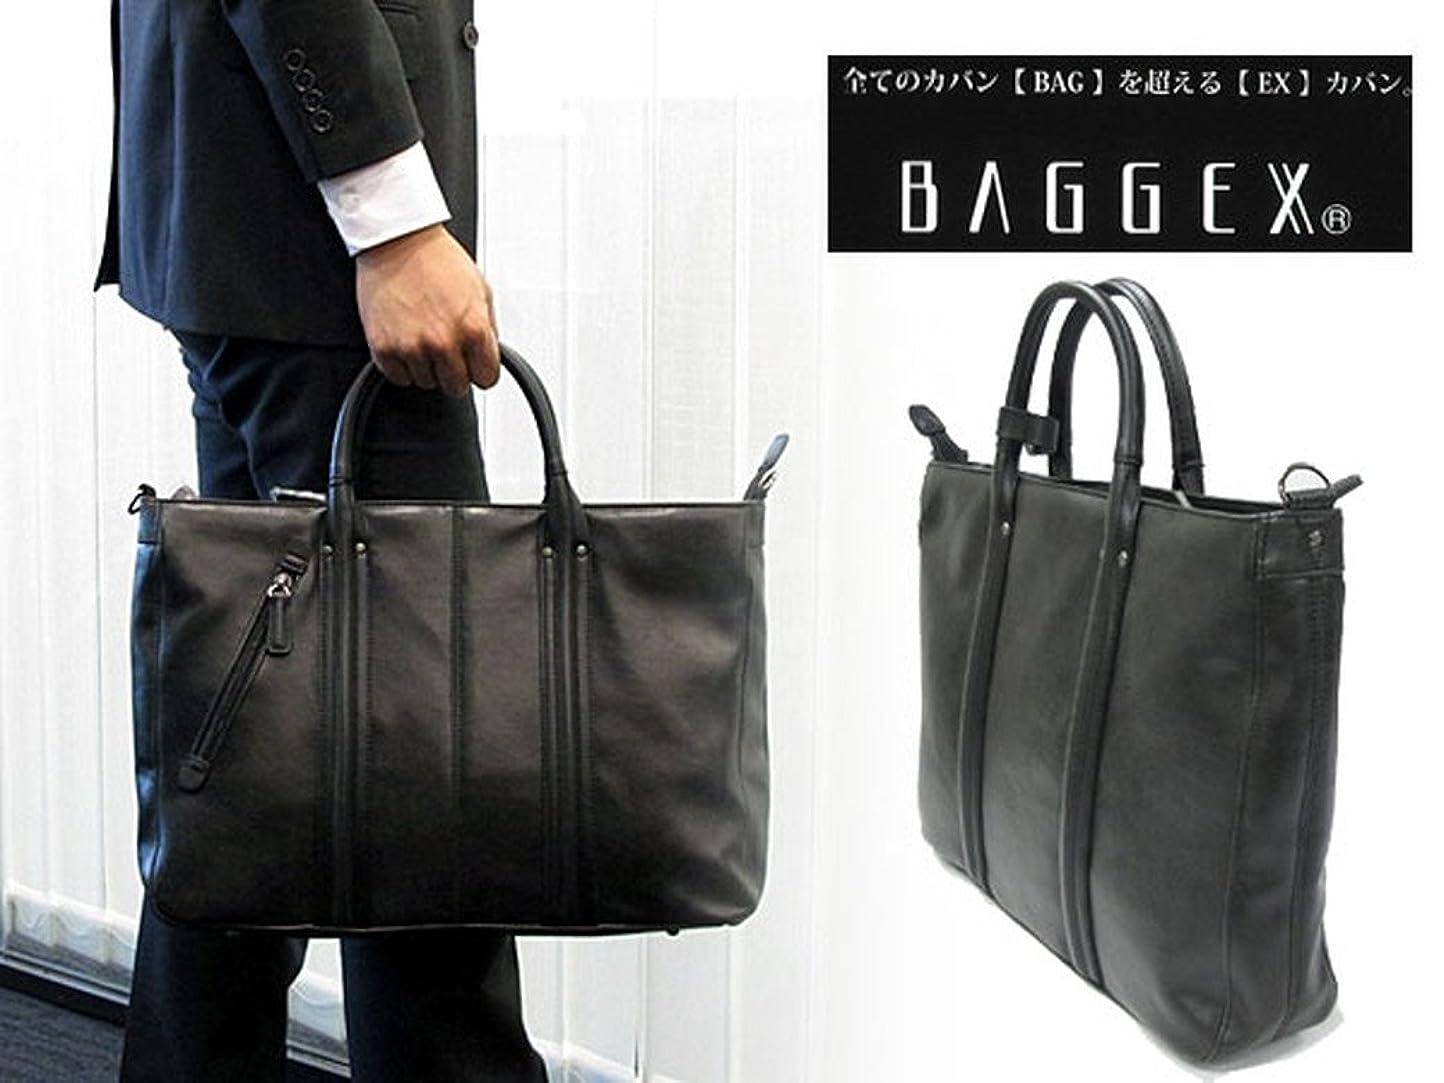 どちらも剃るもっともらしいバジェックス BAGGEX ビジネストートバッグ 23-5458-10 ブラック